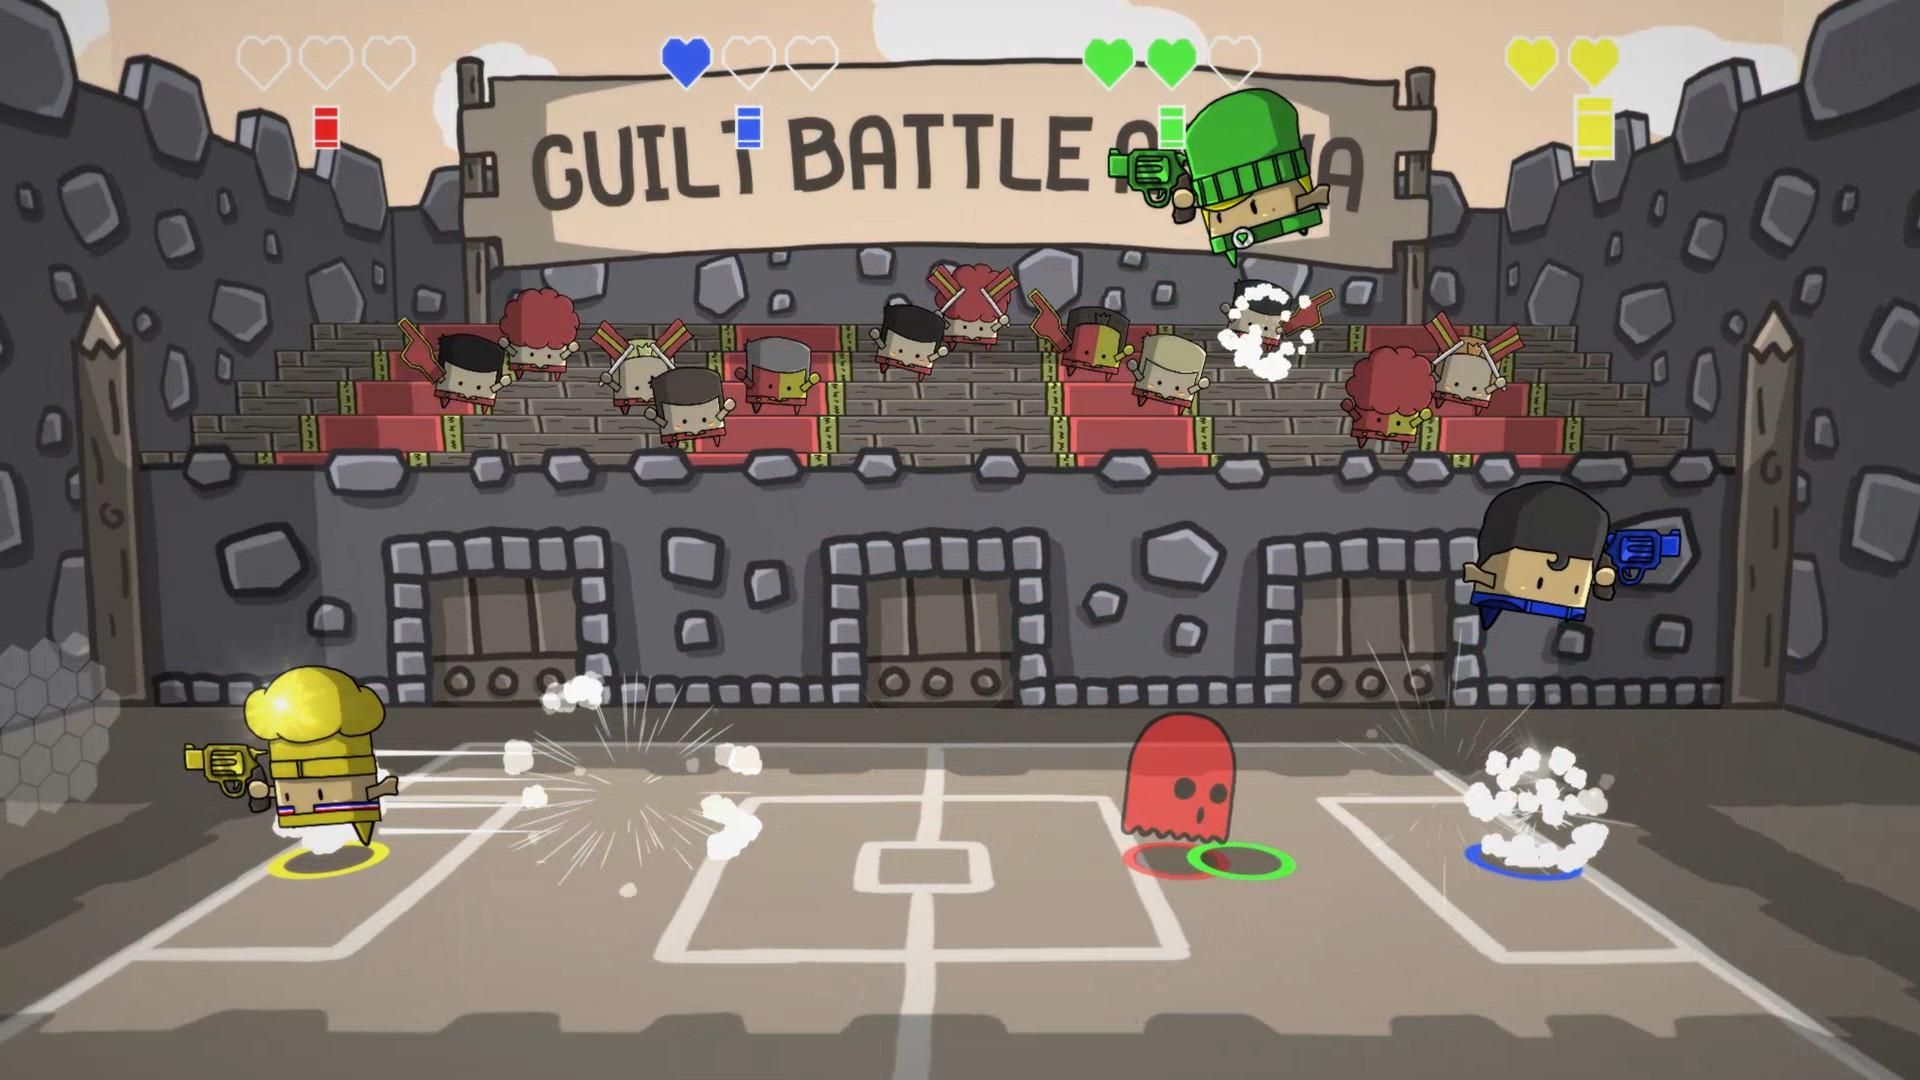 Guilt Battle Arena arrives on Nintendo Switch